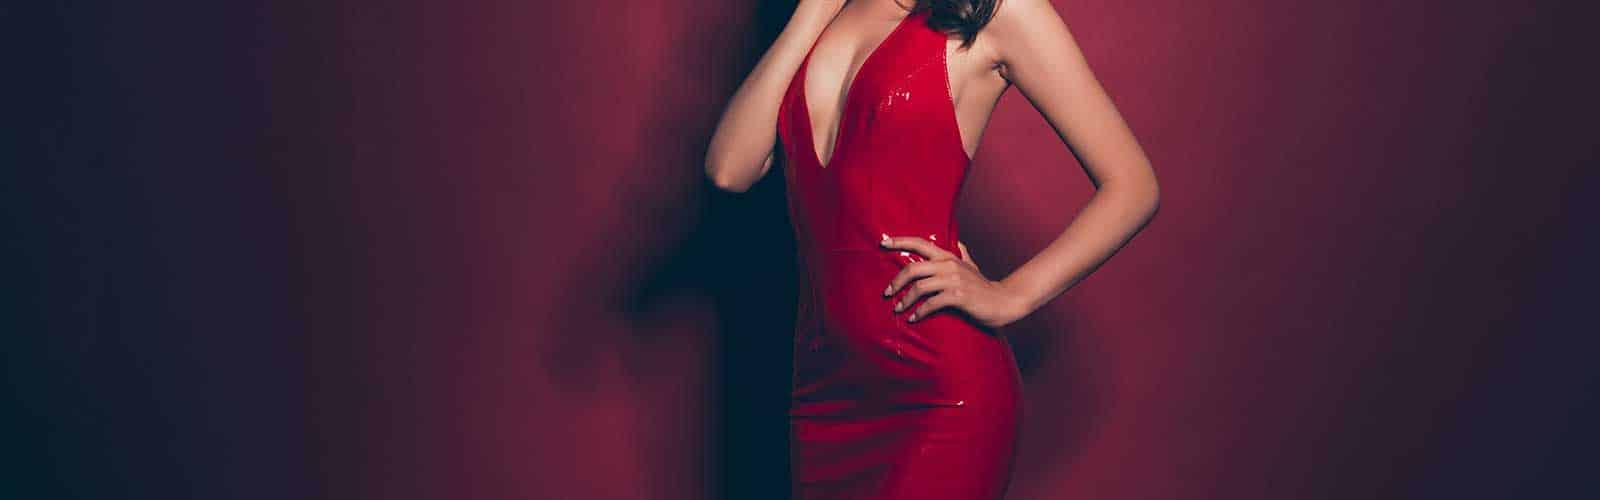 Klänningar och Clubwear på sexleksaker365.se